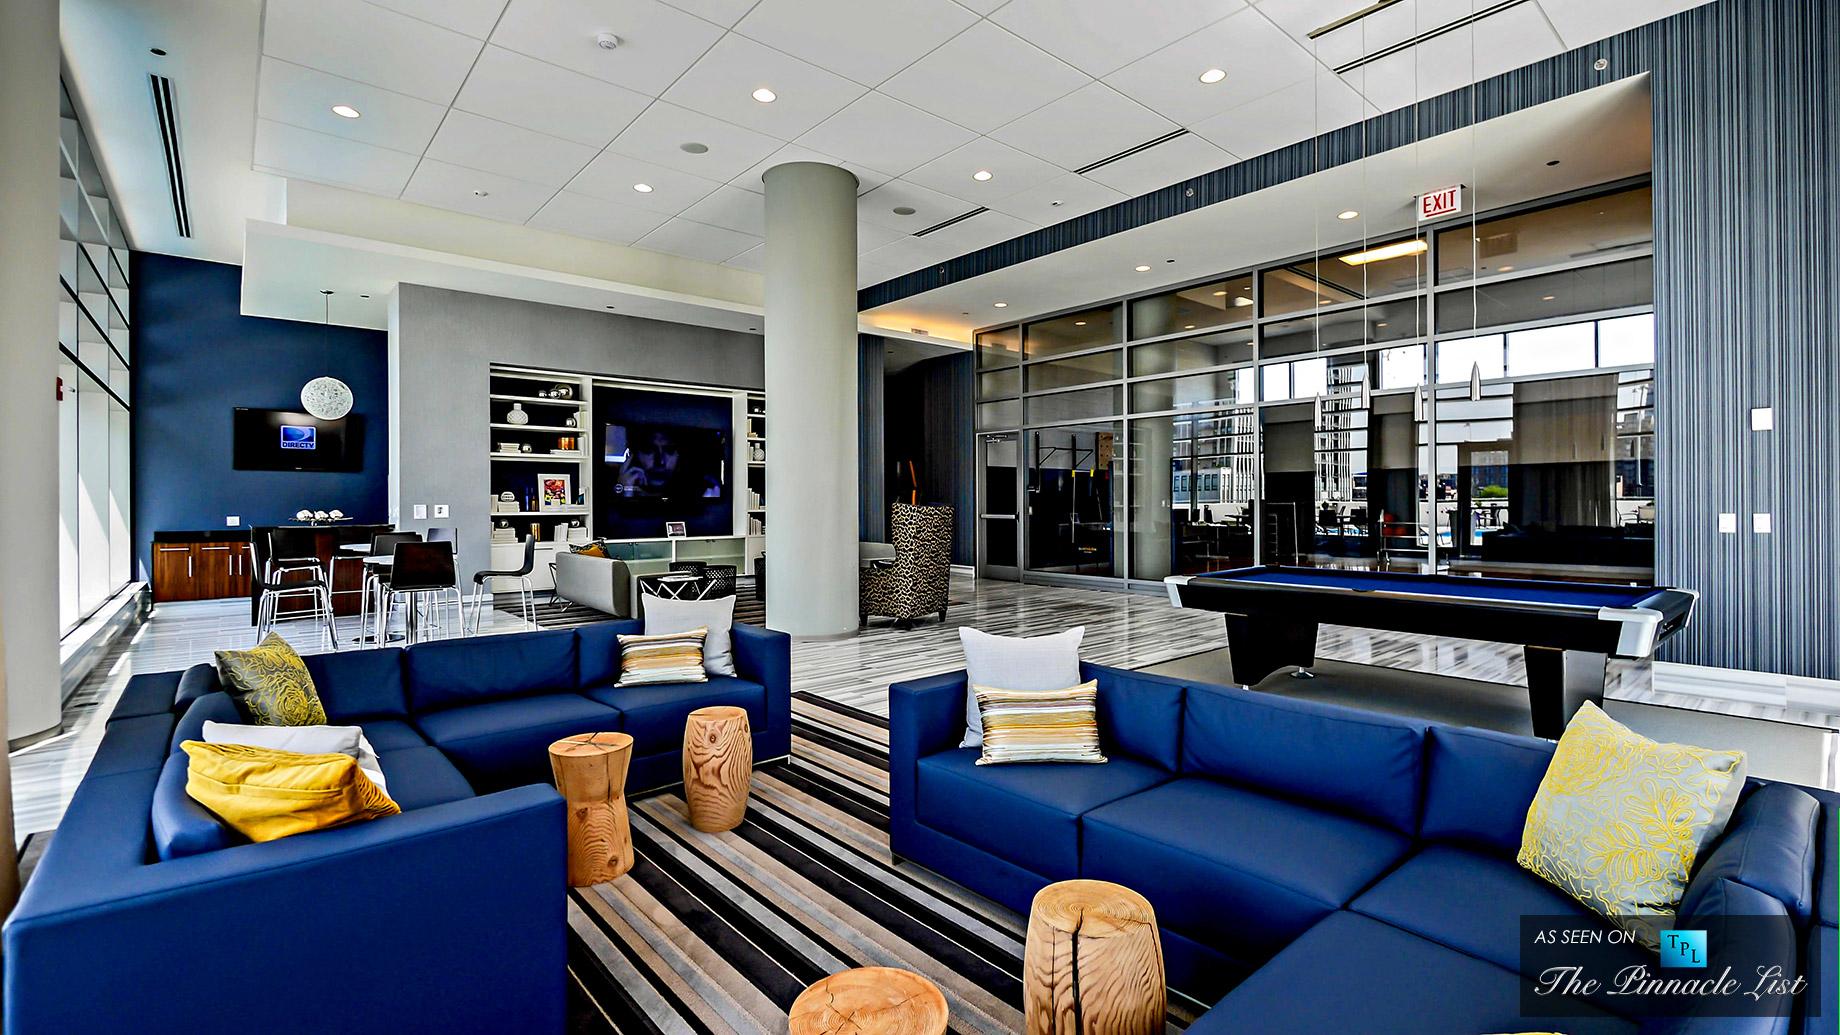 real estate investment archives indigo developers. Black Bedroom Furniture Sets. Home Design Ideas